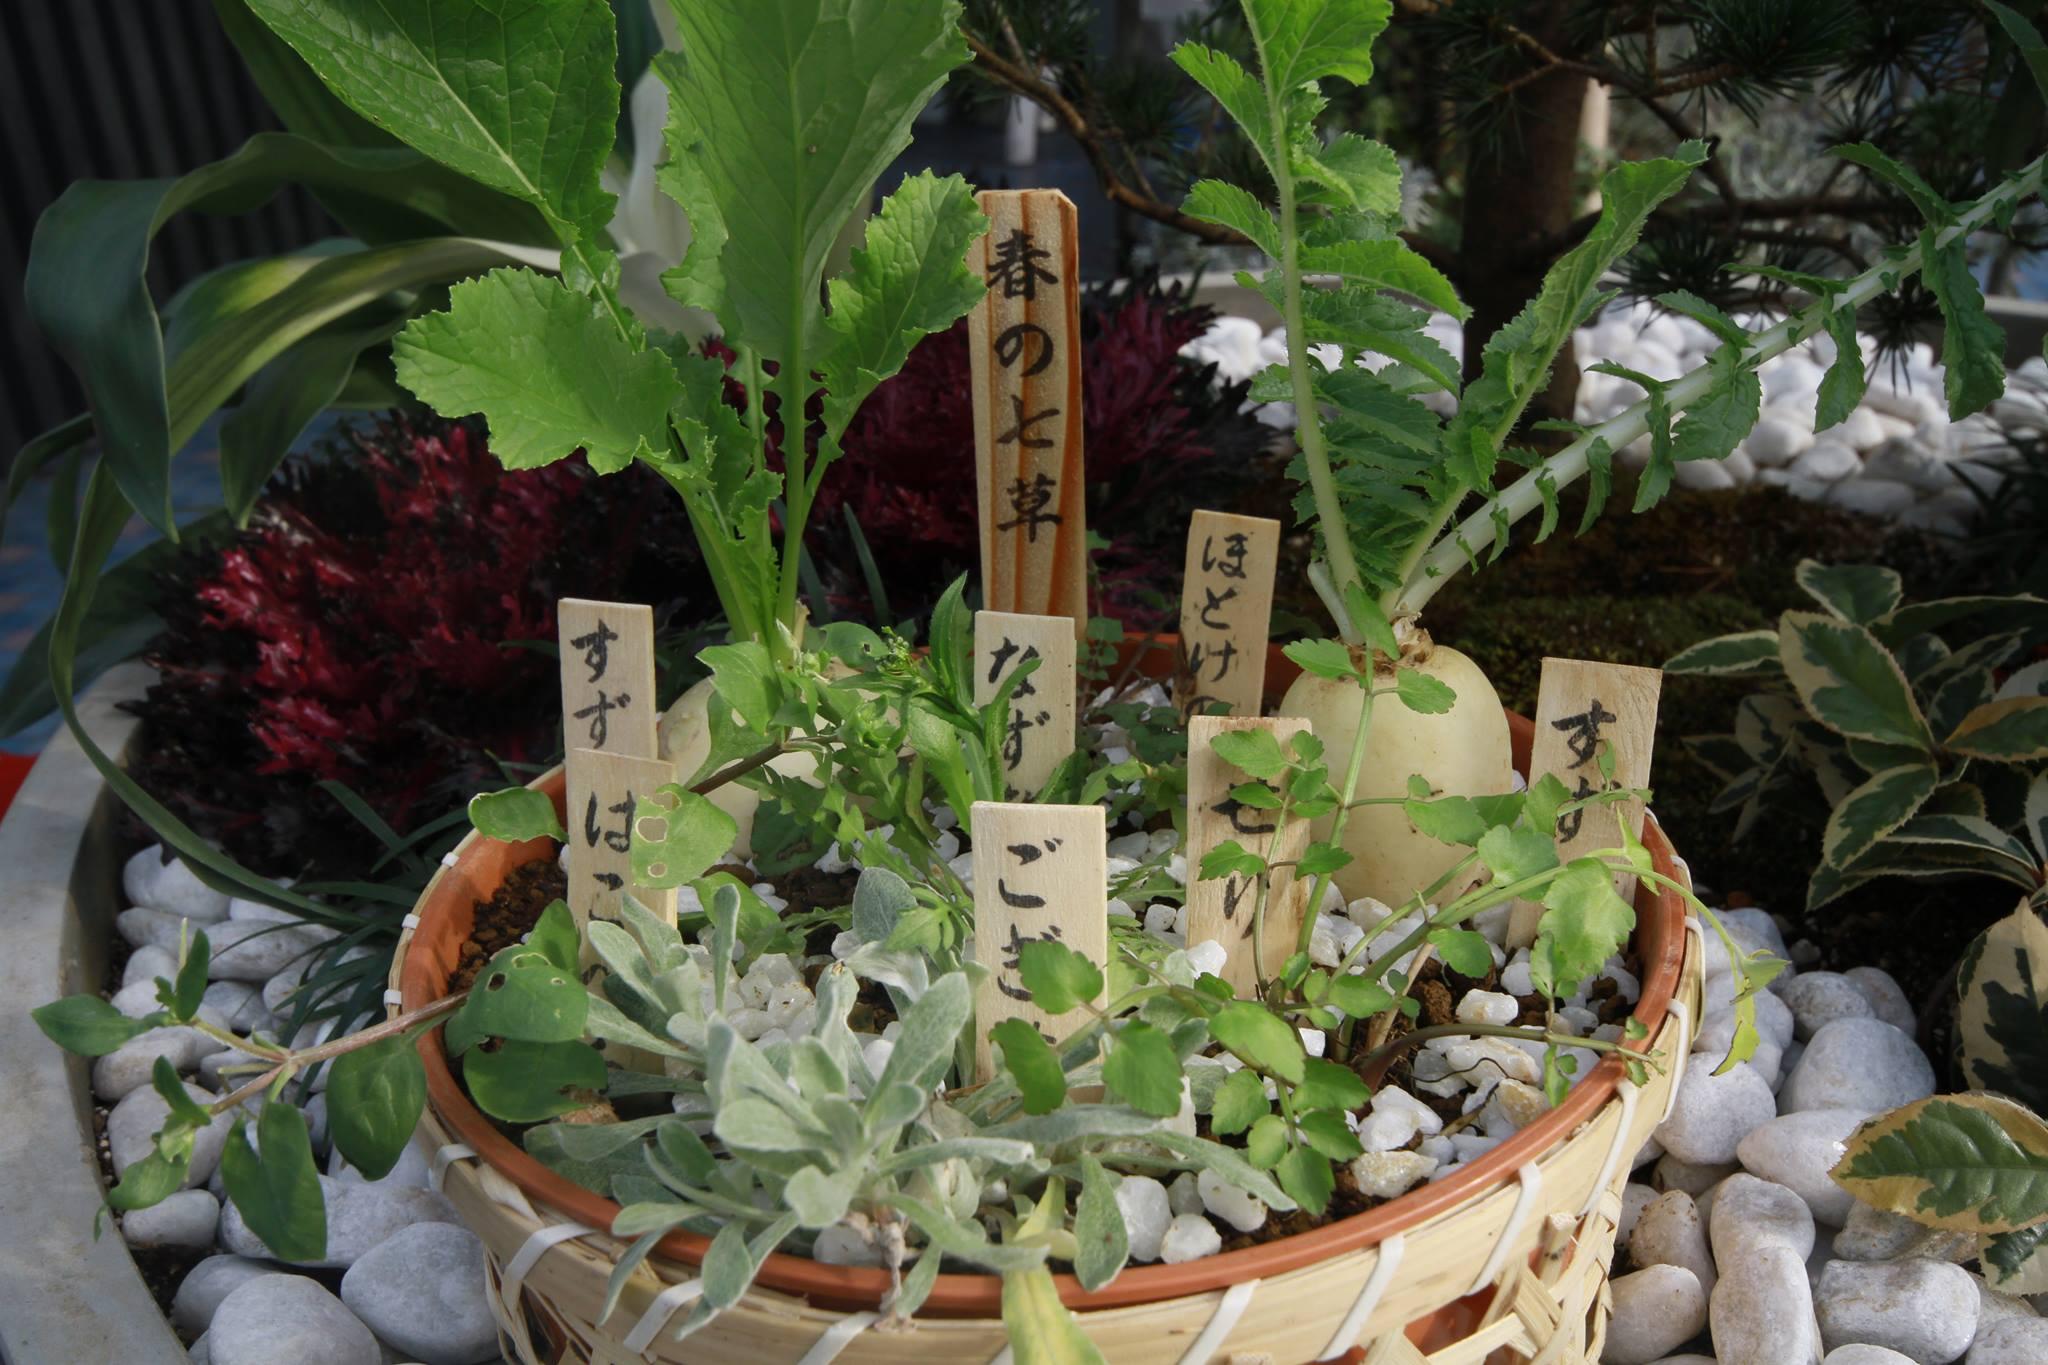 春の七草、どれがどれだかわかりますか?写真は春の七草を寄せ植えにしてあるものですね。春の七草の札から時計回りに、ホトケノザ、スズシロ、セリ、ゴギョウ、ハコベラ、スズナ、ナズナです。